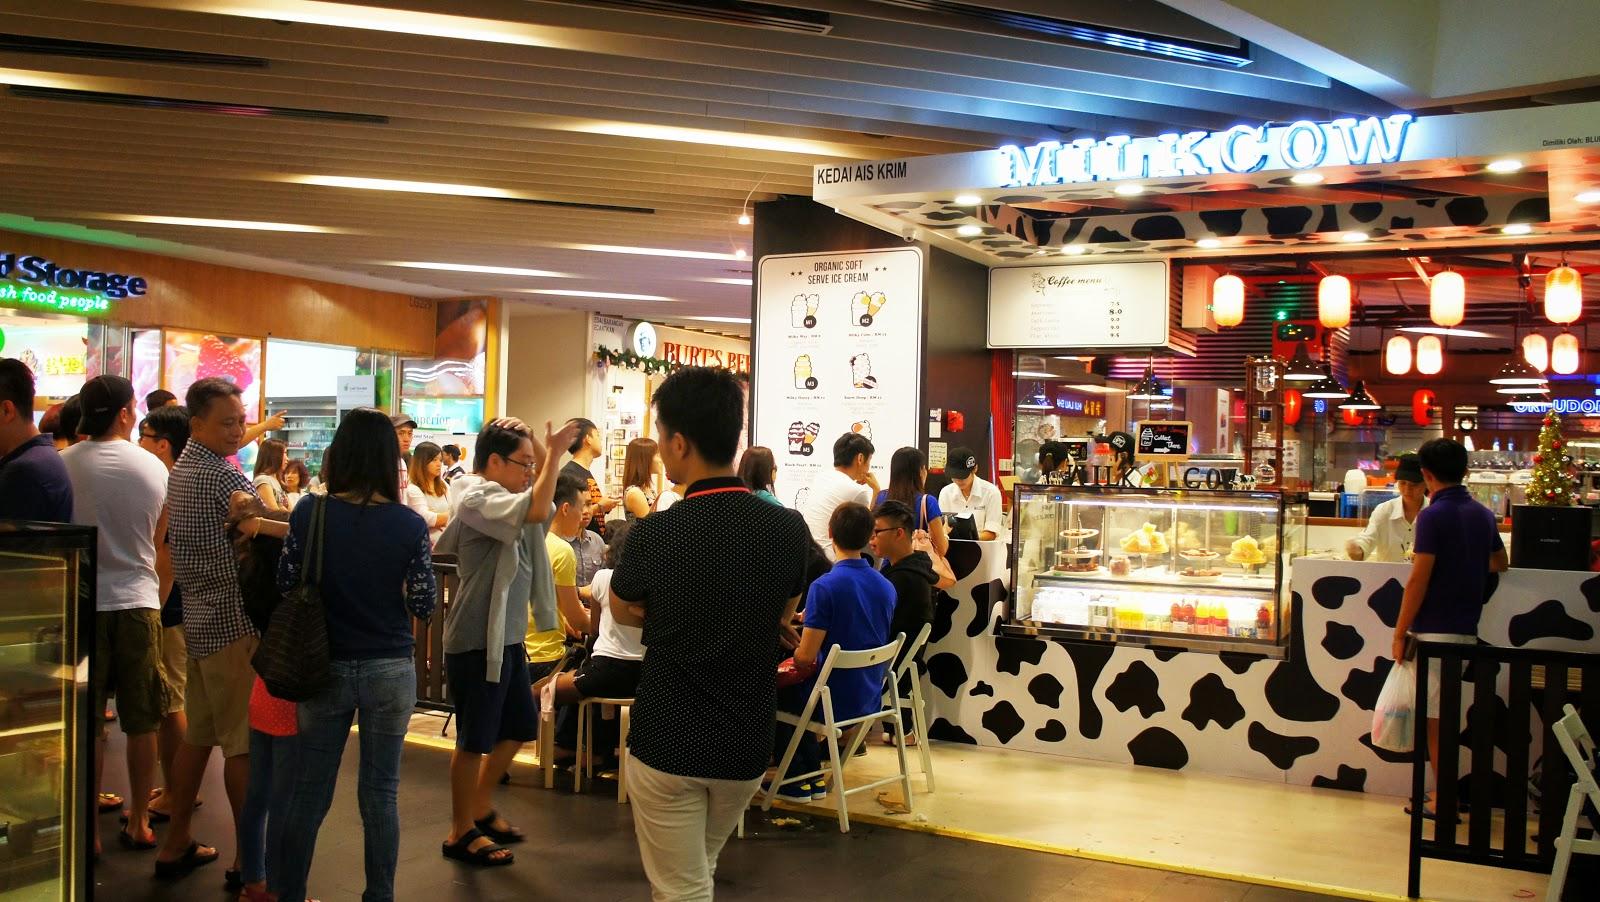 Waiii Sek Meowsss: The Gardens Mall